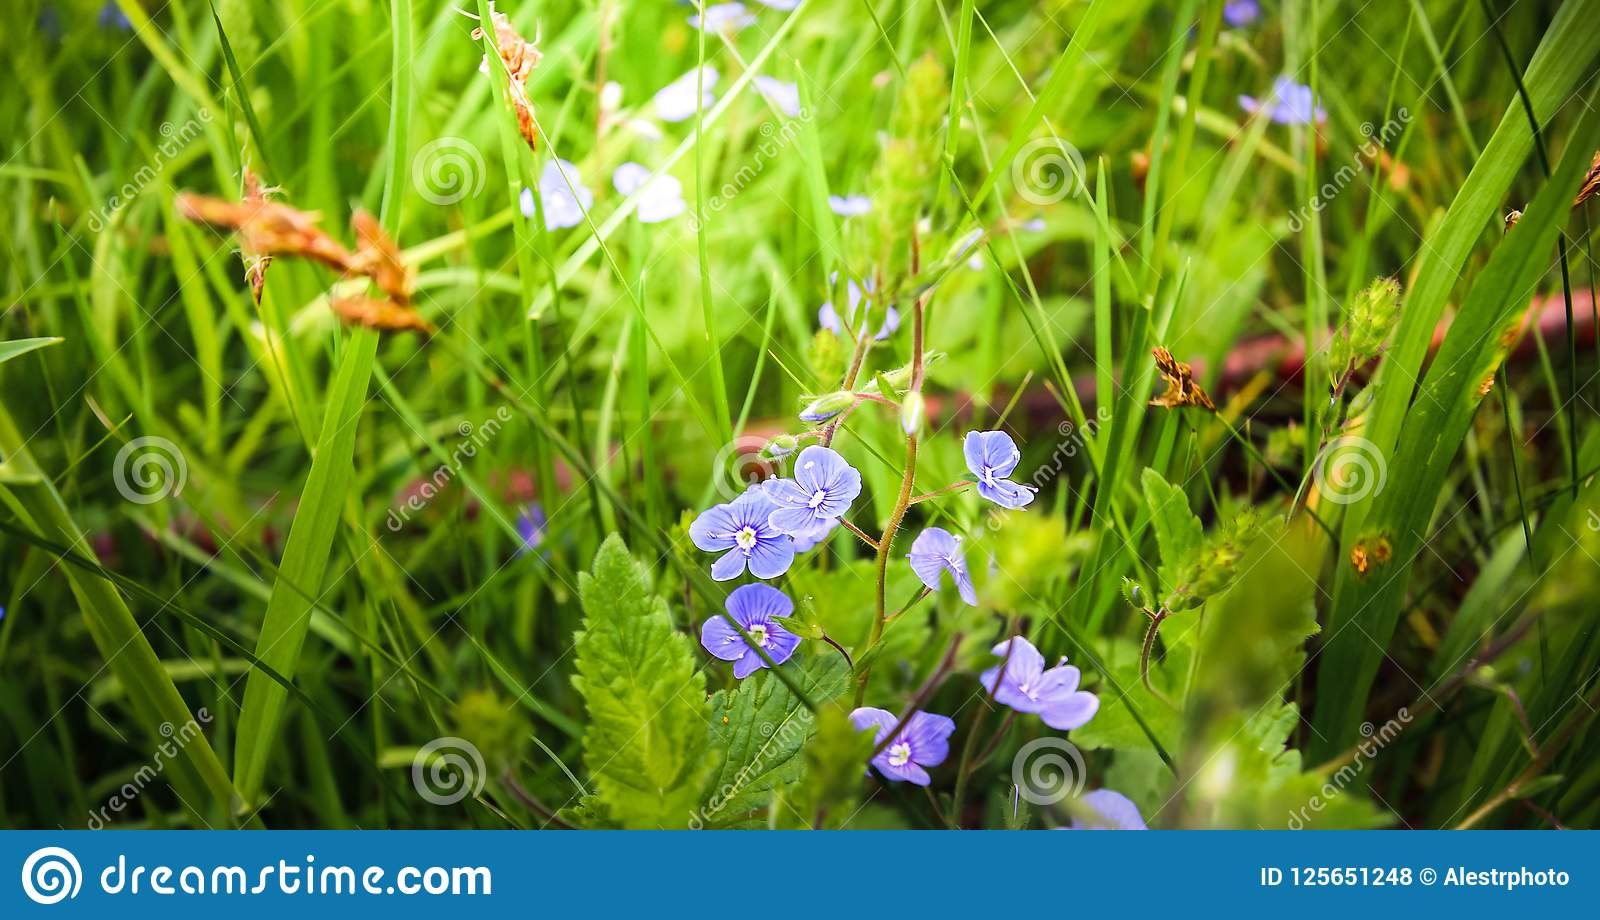 Bekijken de zachte blauwe bloemen van Veronica chamaedrys- ons van de diepten van het gras